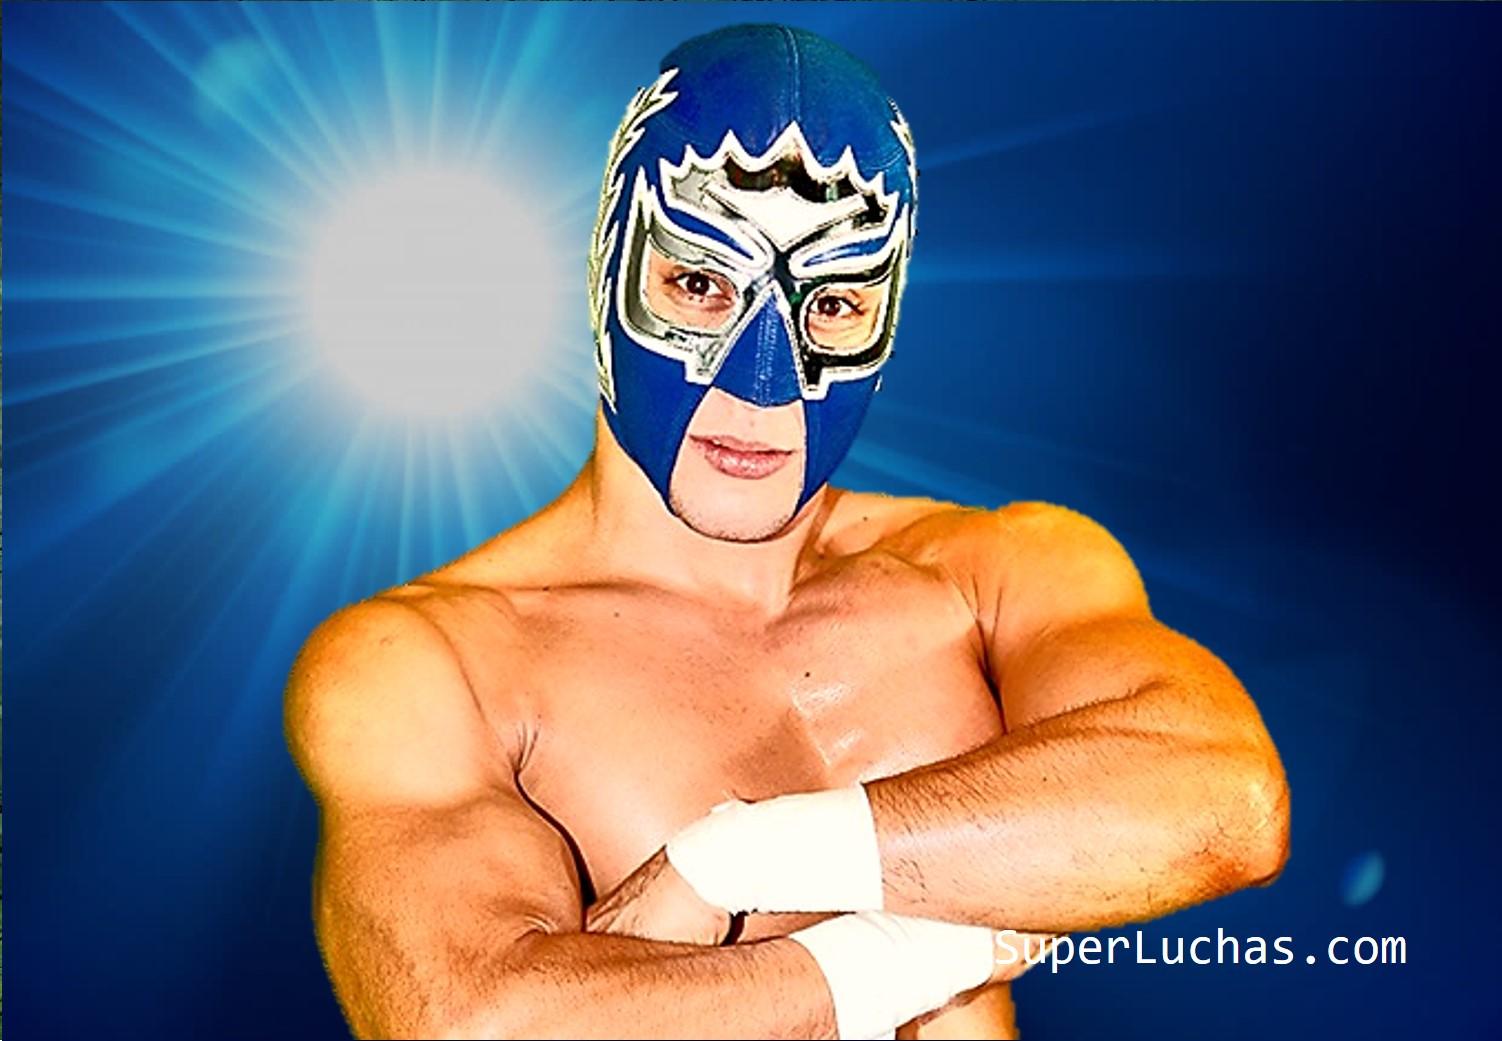 CMLL: En Puebla, Soberano Jr. defiende título por octava ocasión 27